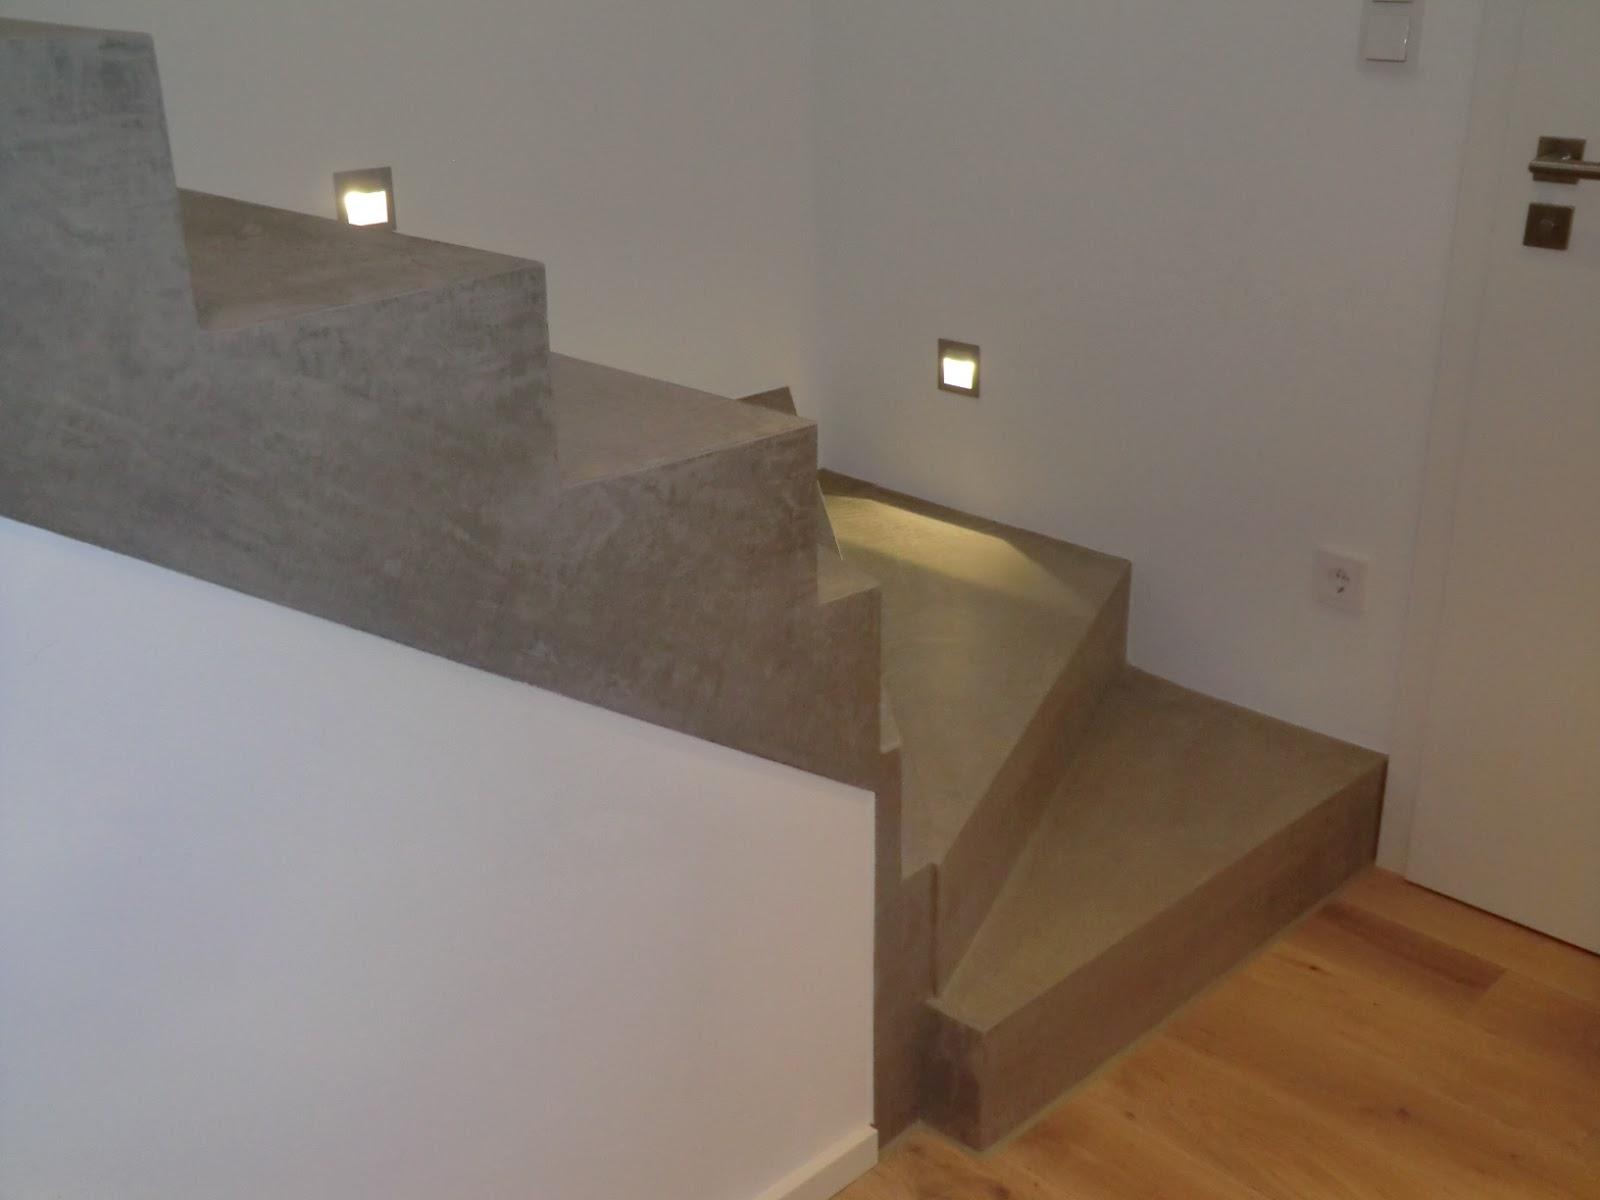 beton cire oberfl chen in beton look und wieder eine treppensanierung mit besserbauen beton cire. Black Bedroom Furniture Sets. Home Design Ideas